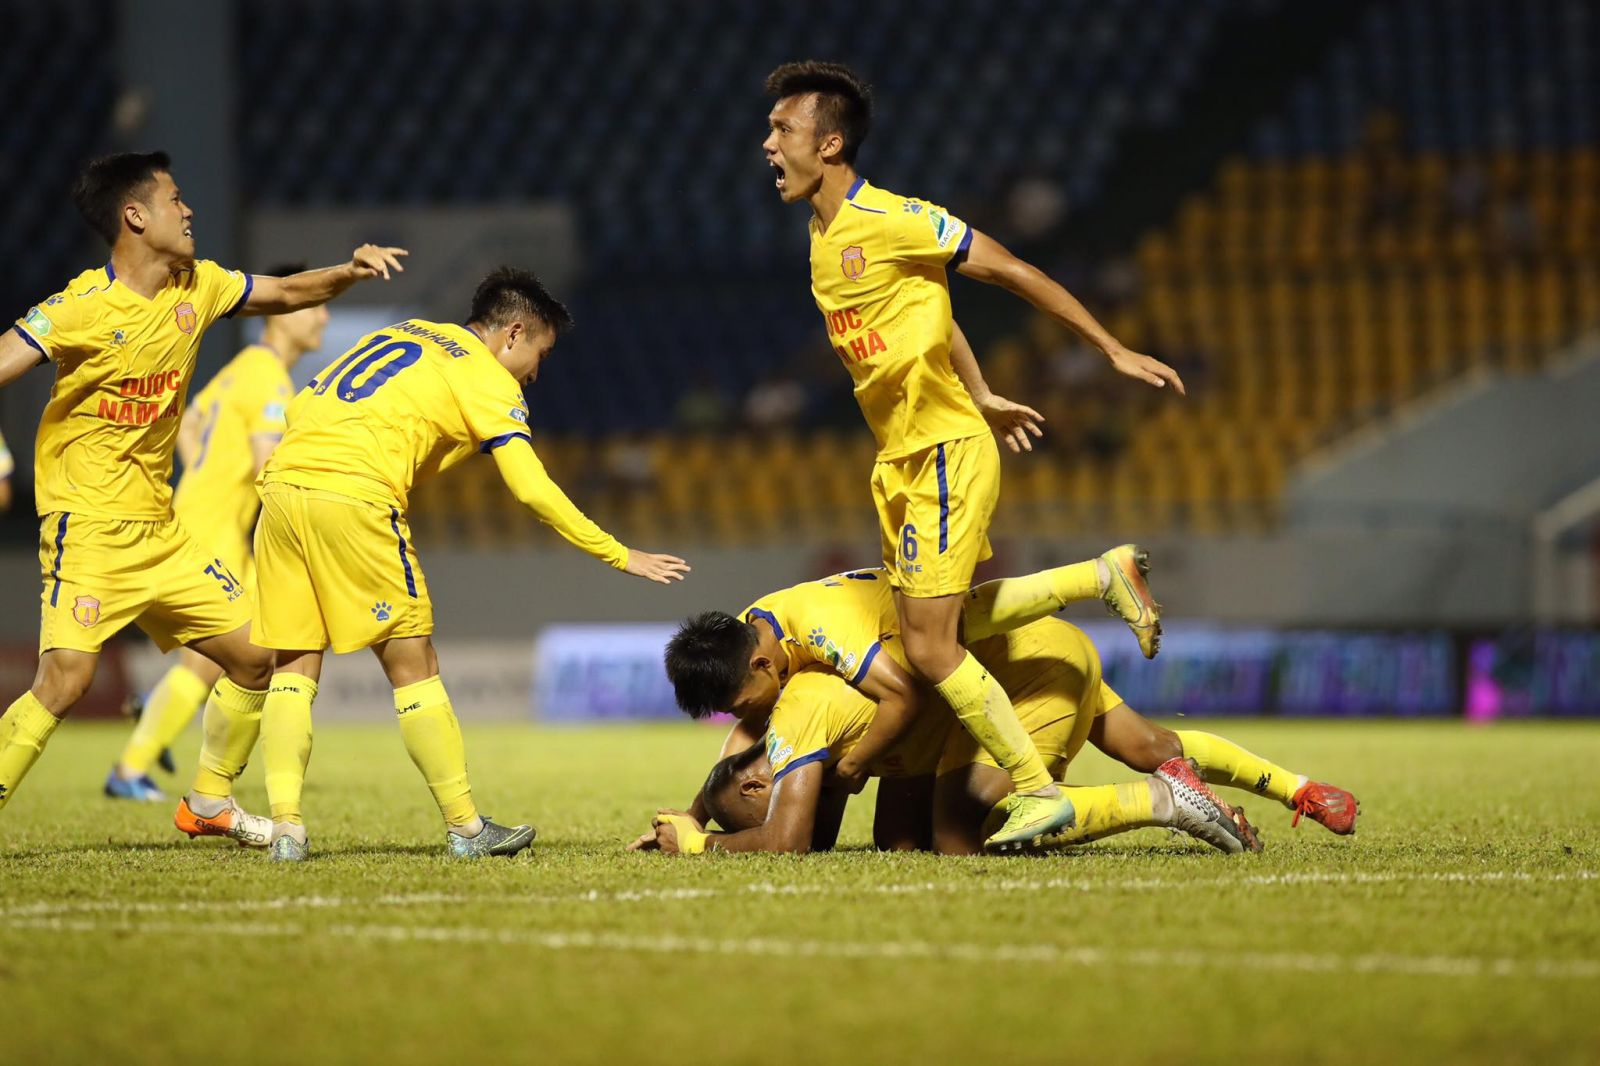 Niềm vui của đội khách sau khi liên tiếp có 2 bàn thắng quân bình tỷ số trận đấu